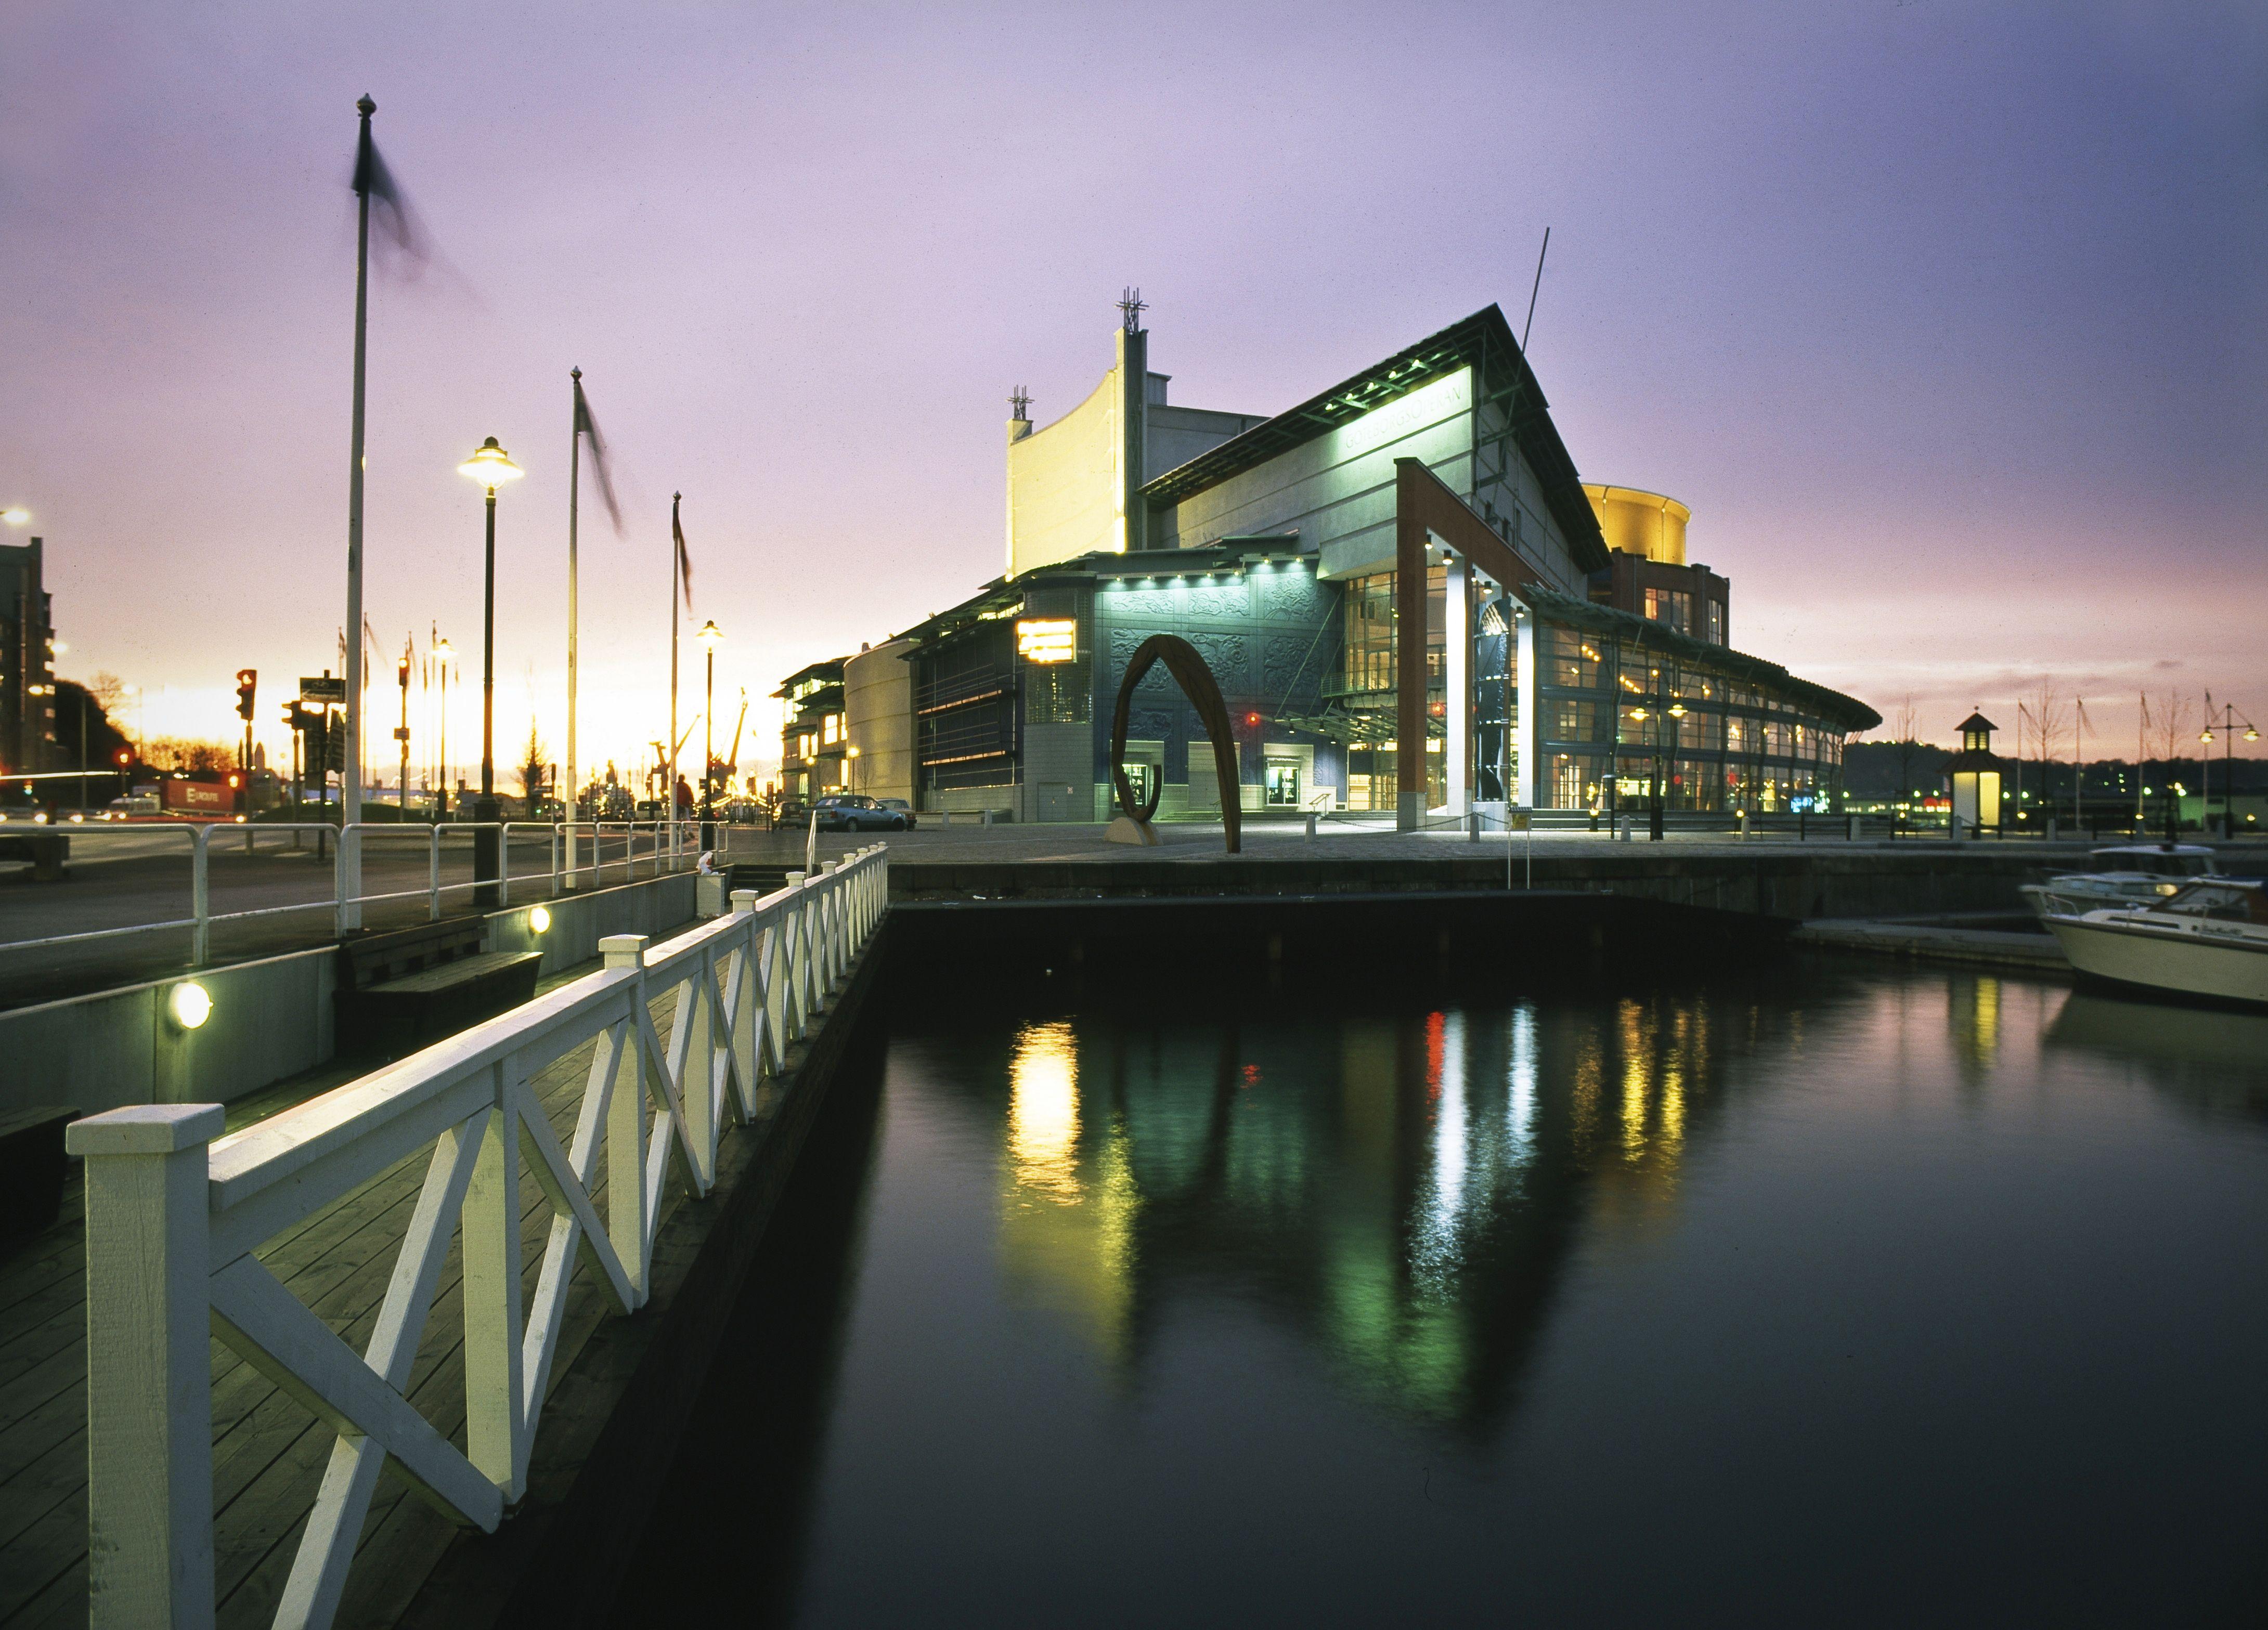 The Gothenburg opera house, architect Jan Izikowitz. Photo: Jorma ...